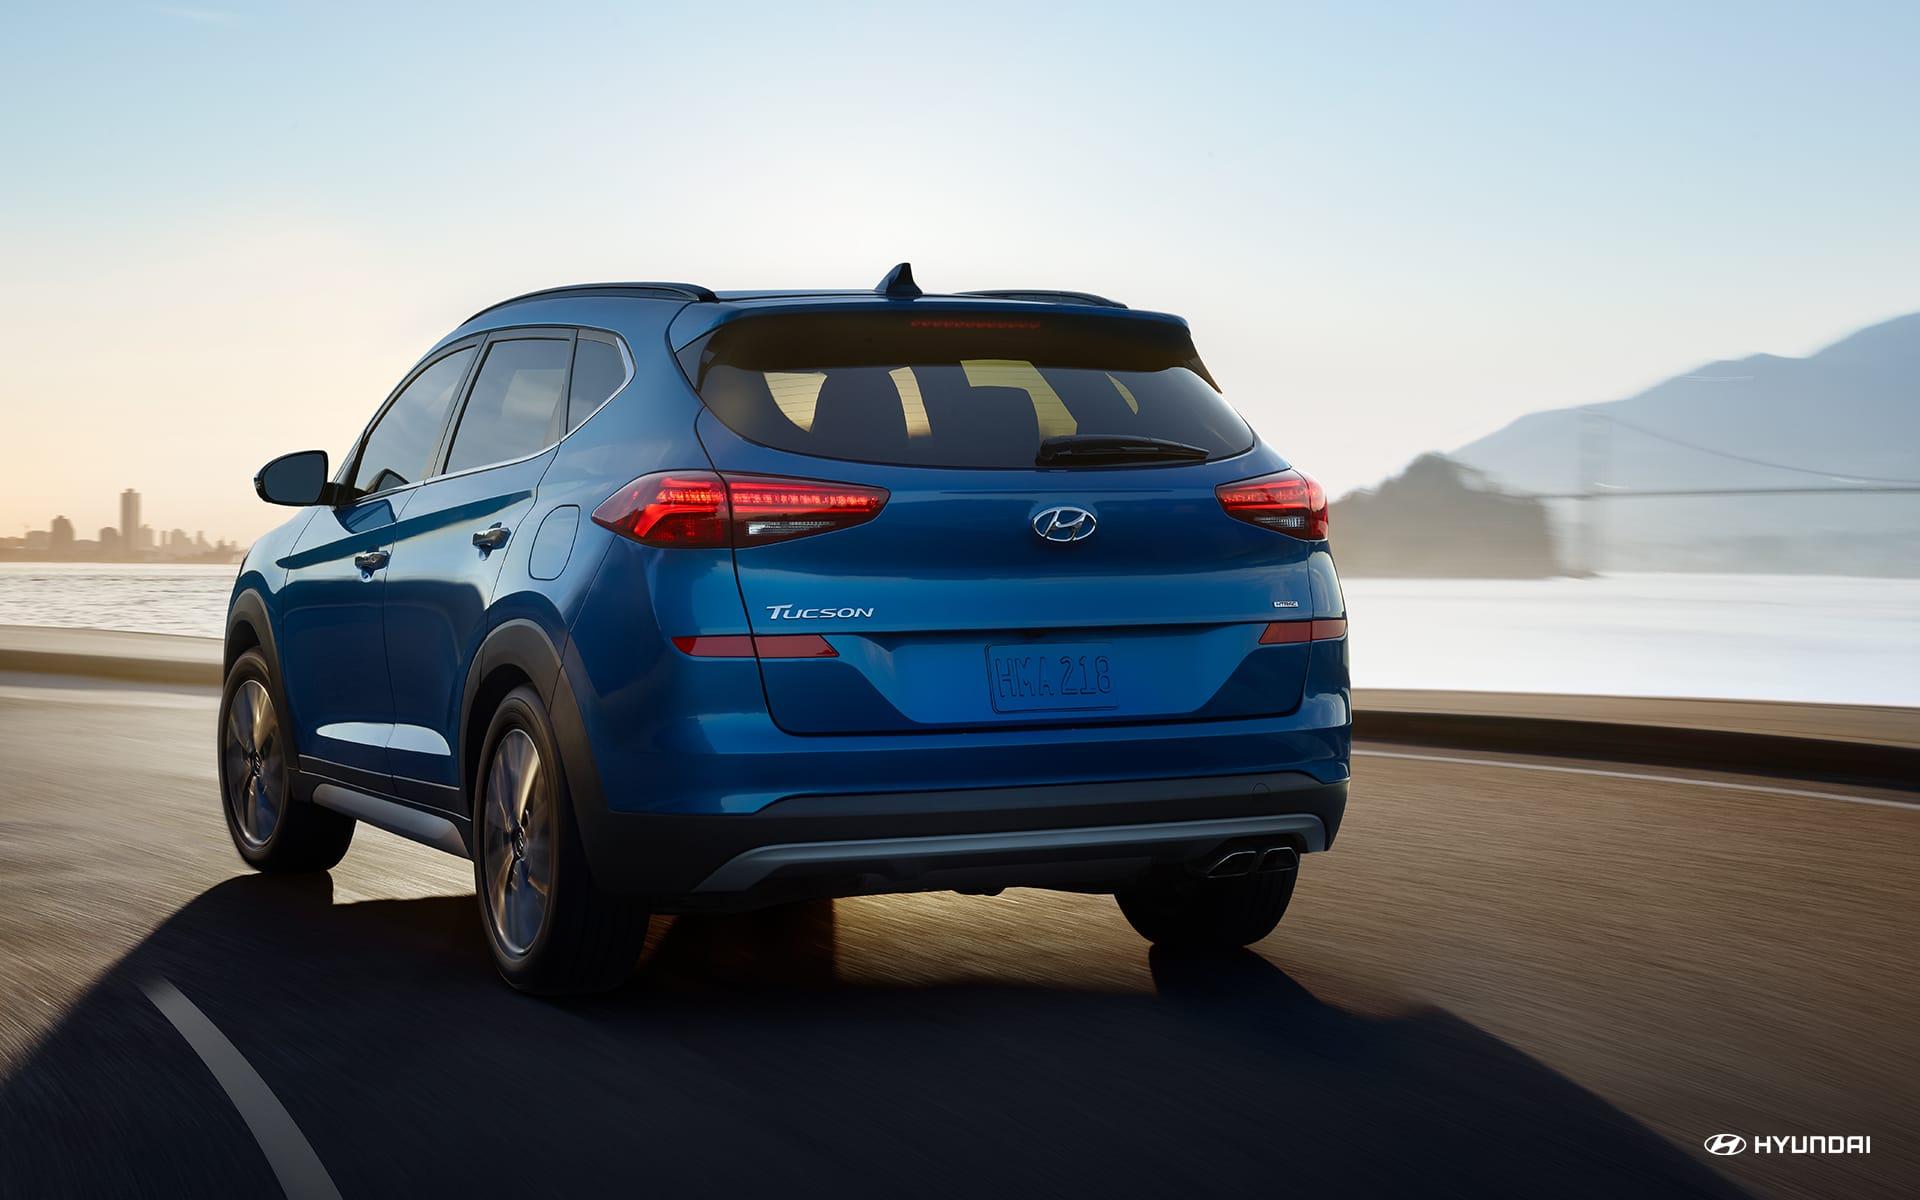 2019 Hyundai Tucson Leasing near Arlington, VA - Pohanka